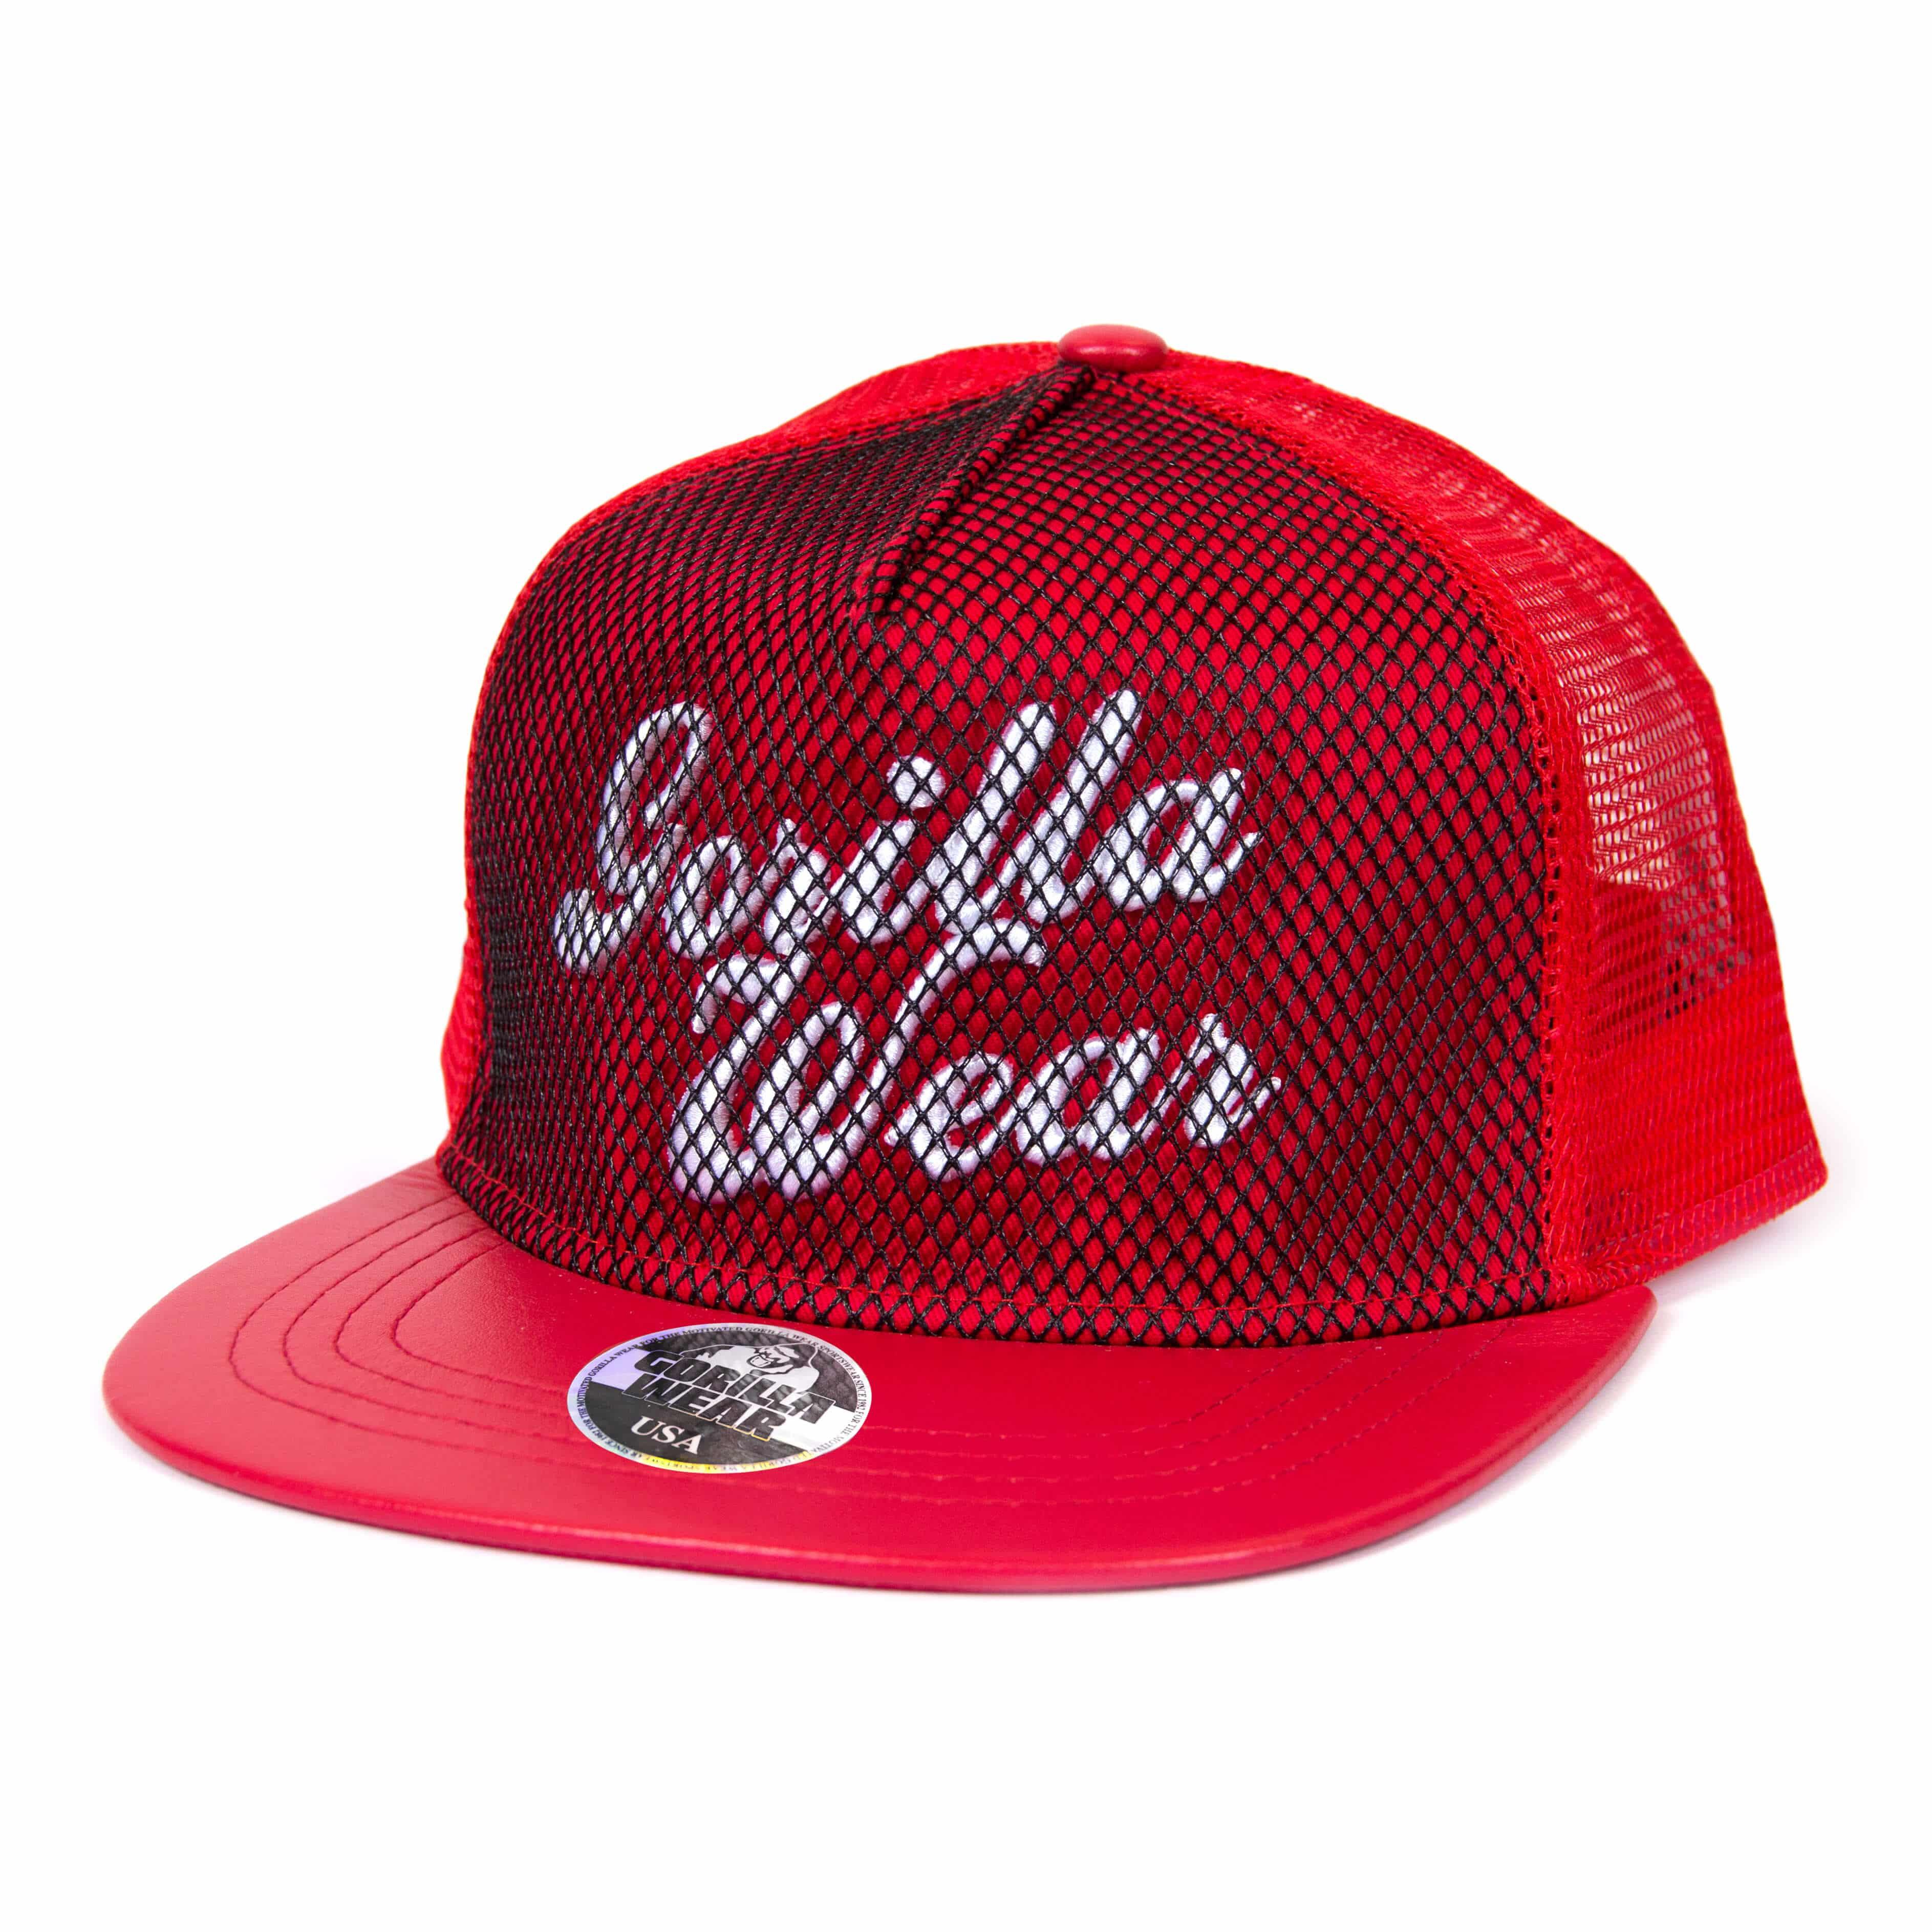 341375c8bfca66 Gorilla Wear Mesh Cap - rot bei Gorilla Wear Deutschland kaufen